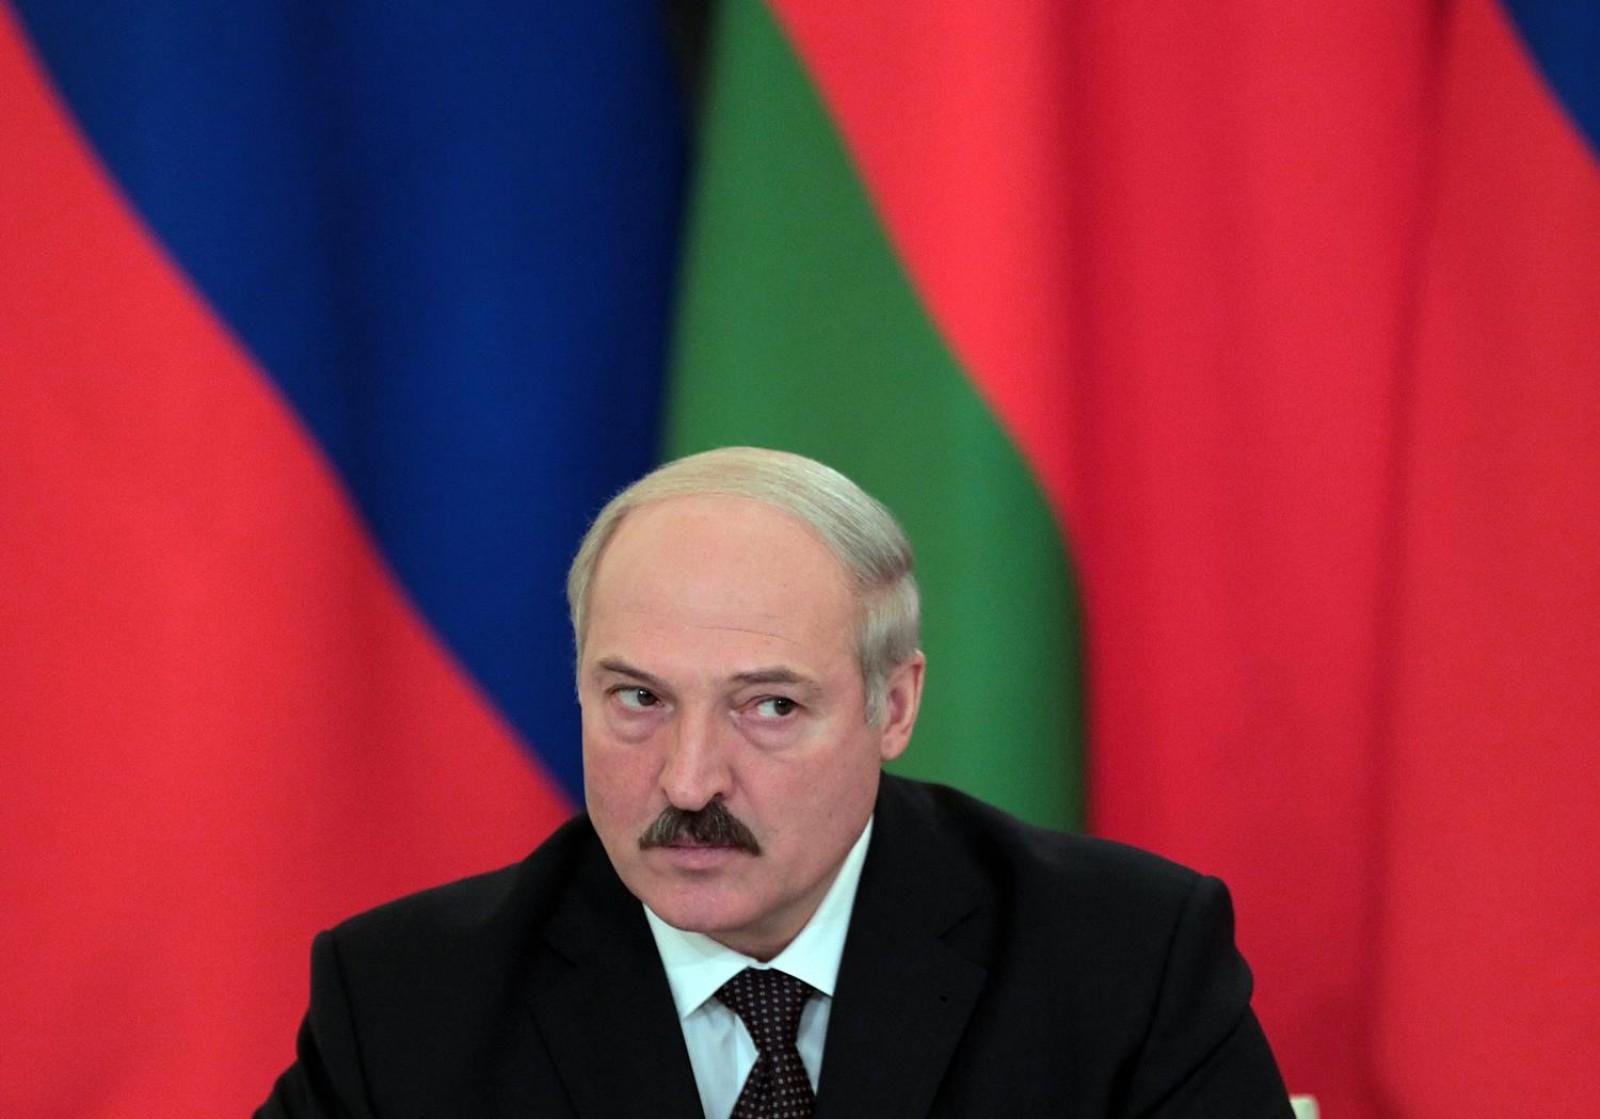 Președintele Belarusiei va efectua o vizită oficială în Republica Moldova, săptămâna viitoare